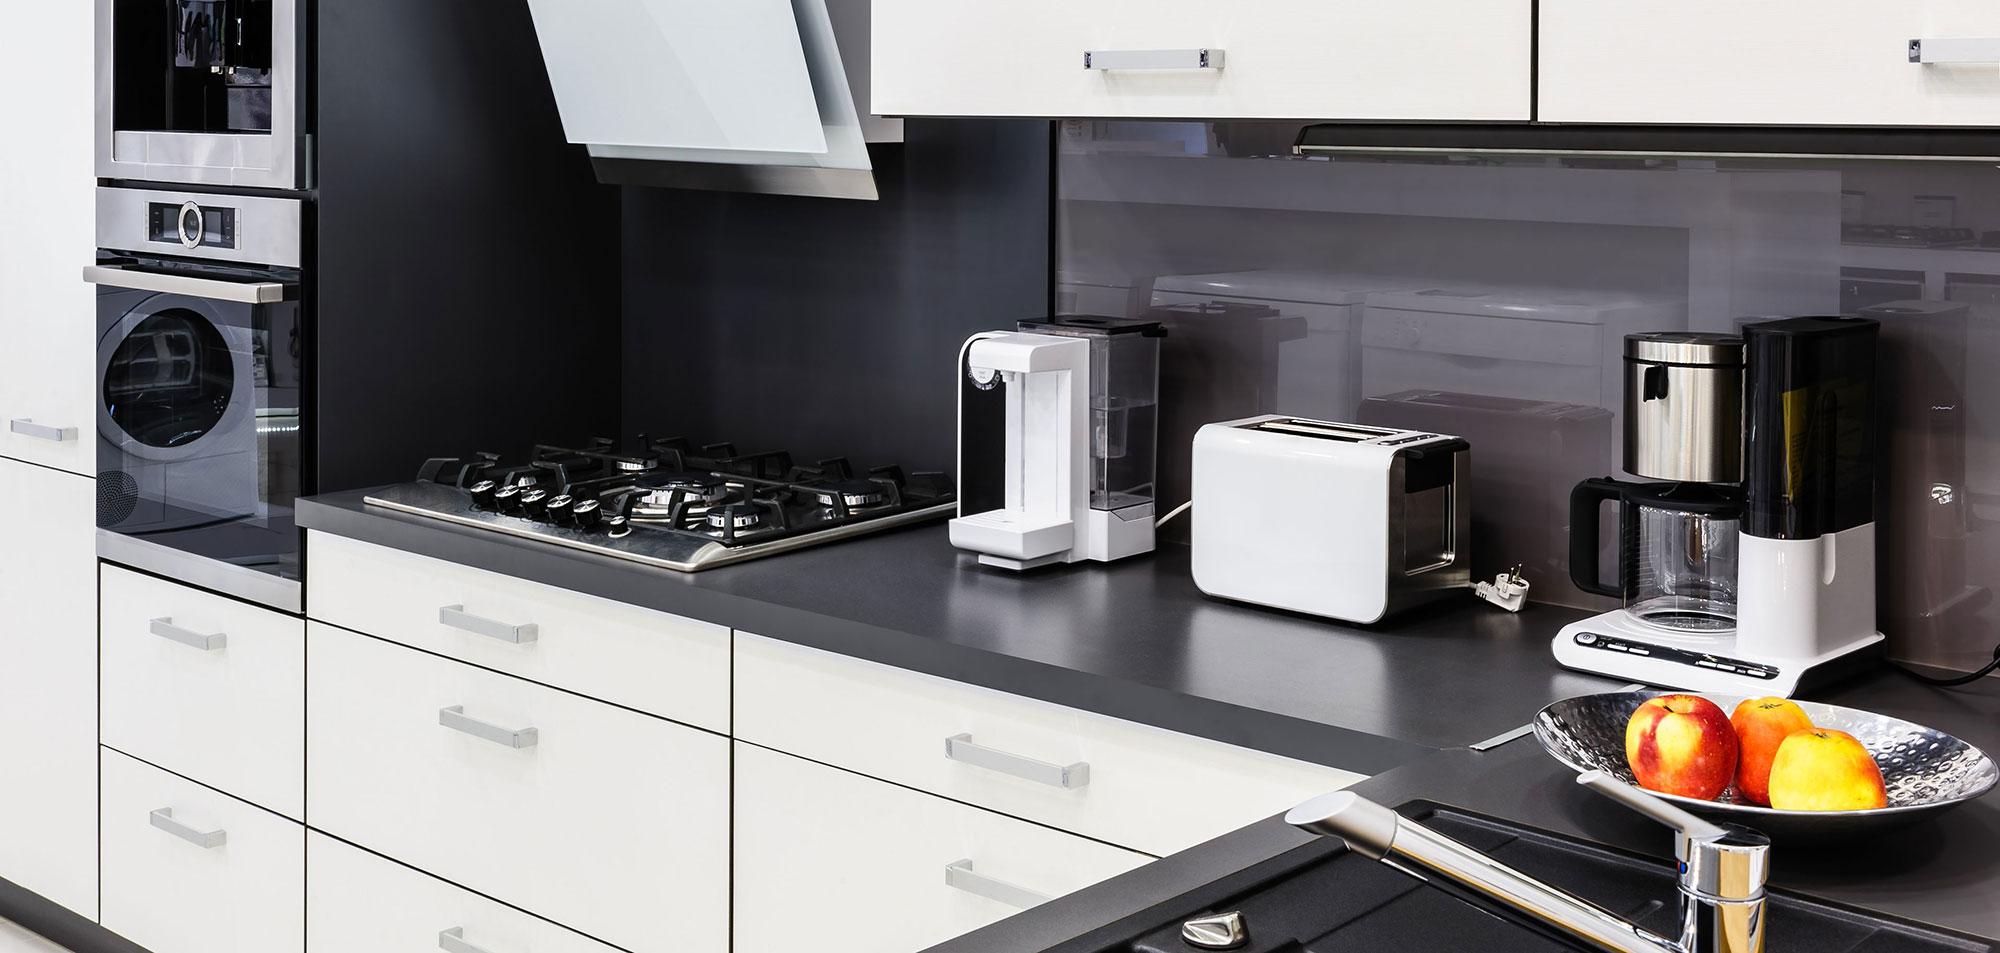 Kleingeräte für die Küche – Ersatzteile und Zubehör - ESPO electronic